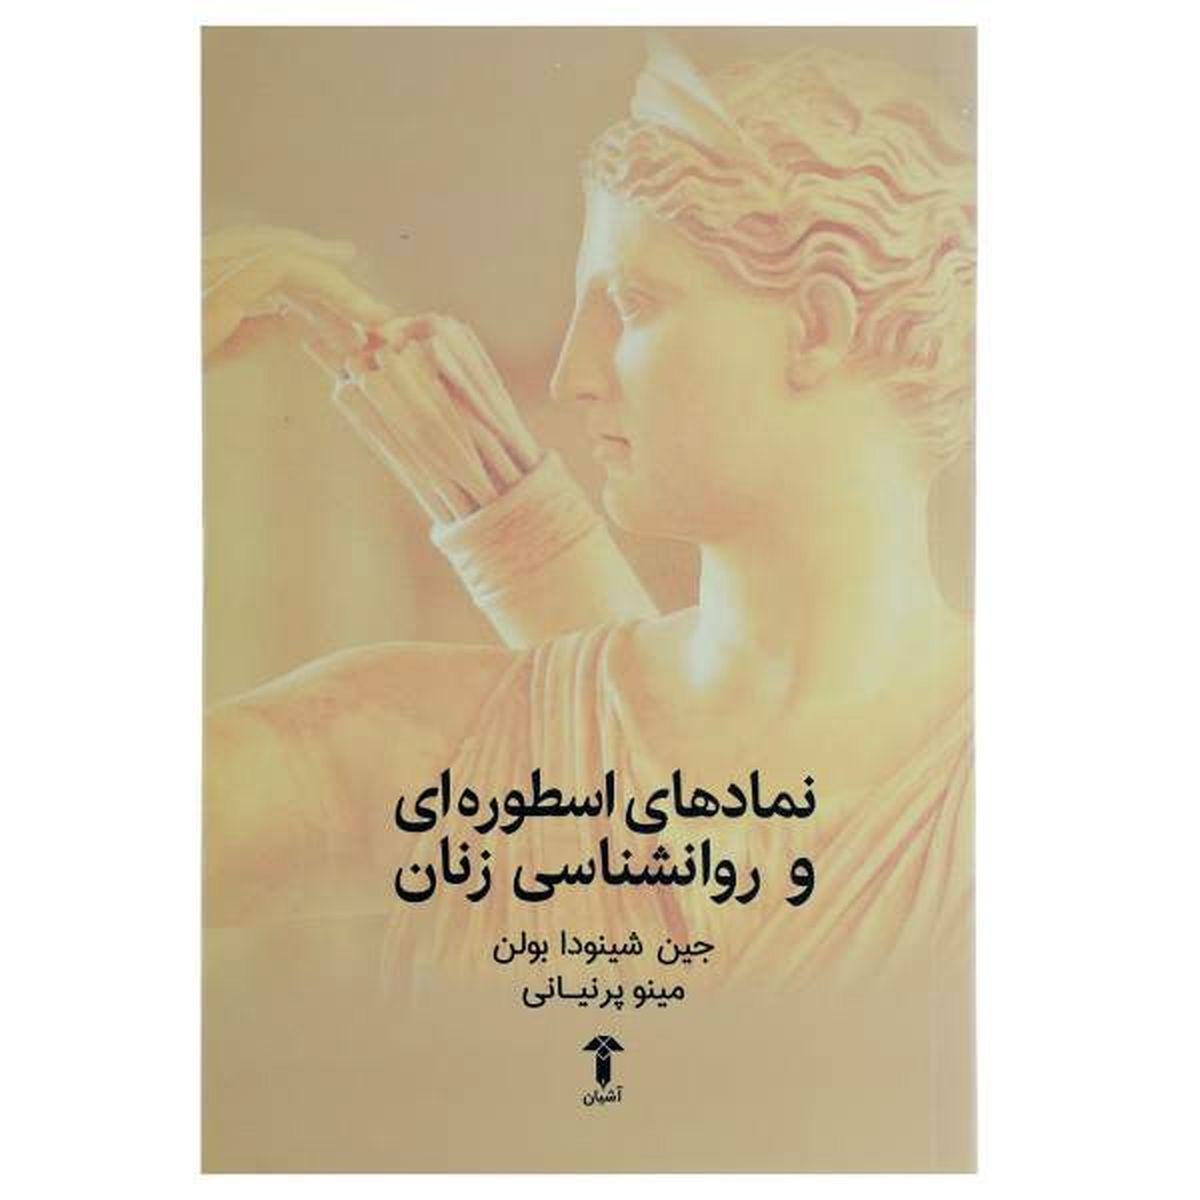 «نمادهای اسطورهشناسی و روانشناسی زنان» کتابی برای شناخت نقش اسطورهها در فعالیتهای بشر